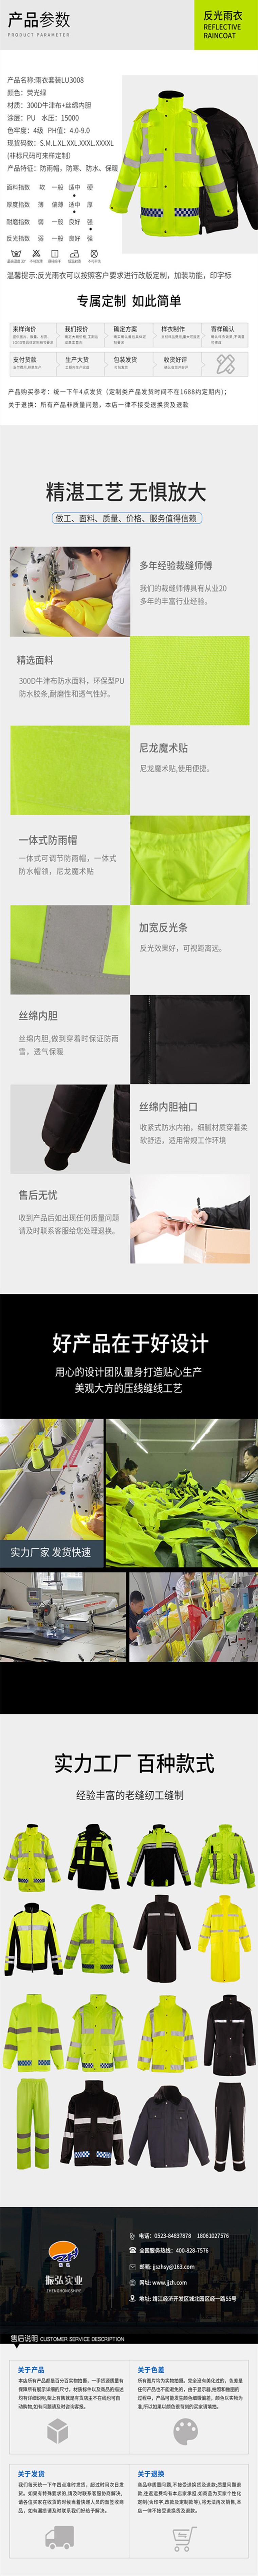 加棉反光雨衣LU3008 详情页_副本